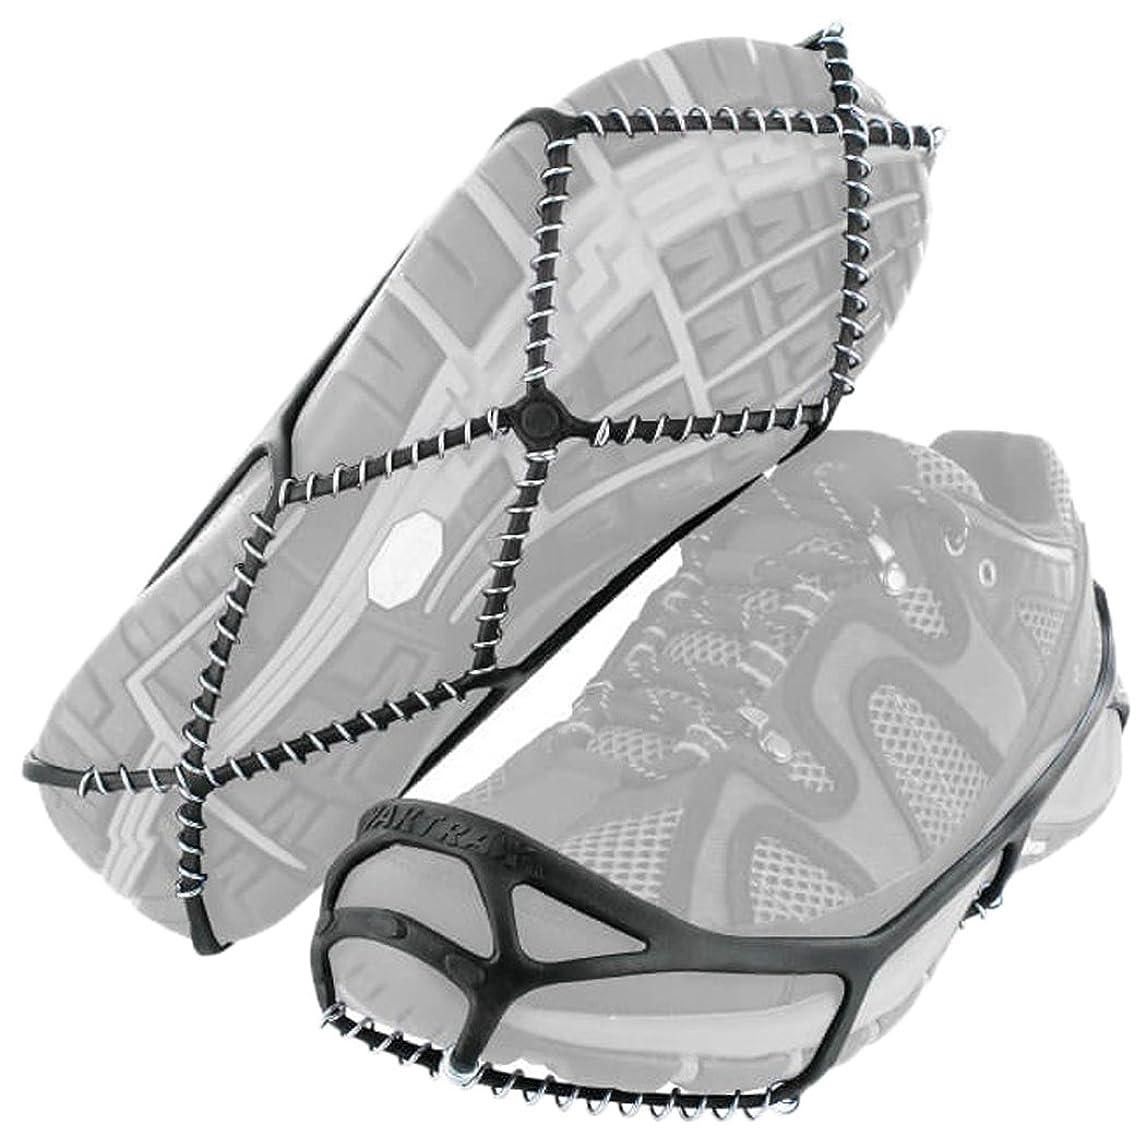 追い出す引き出す葬儀YAKTRAX(ヤクトラックス) ヤックトラックス ウォーク Sサイズ 23.5cm~27cm 靴底用滑り止め かんじき アイゼン スノー アイススパイク 08001